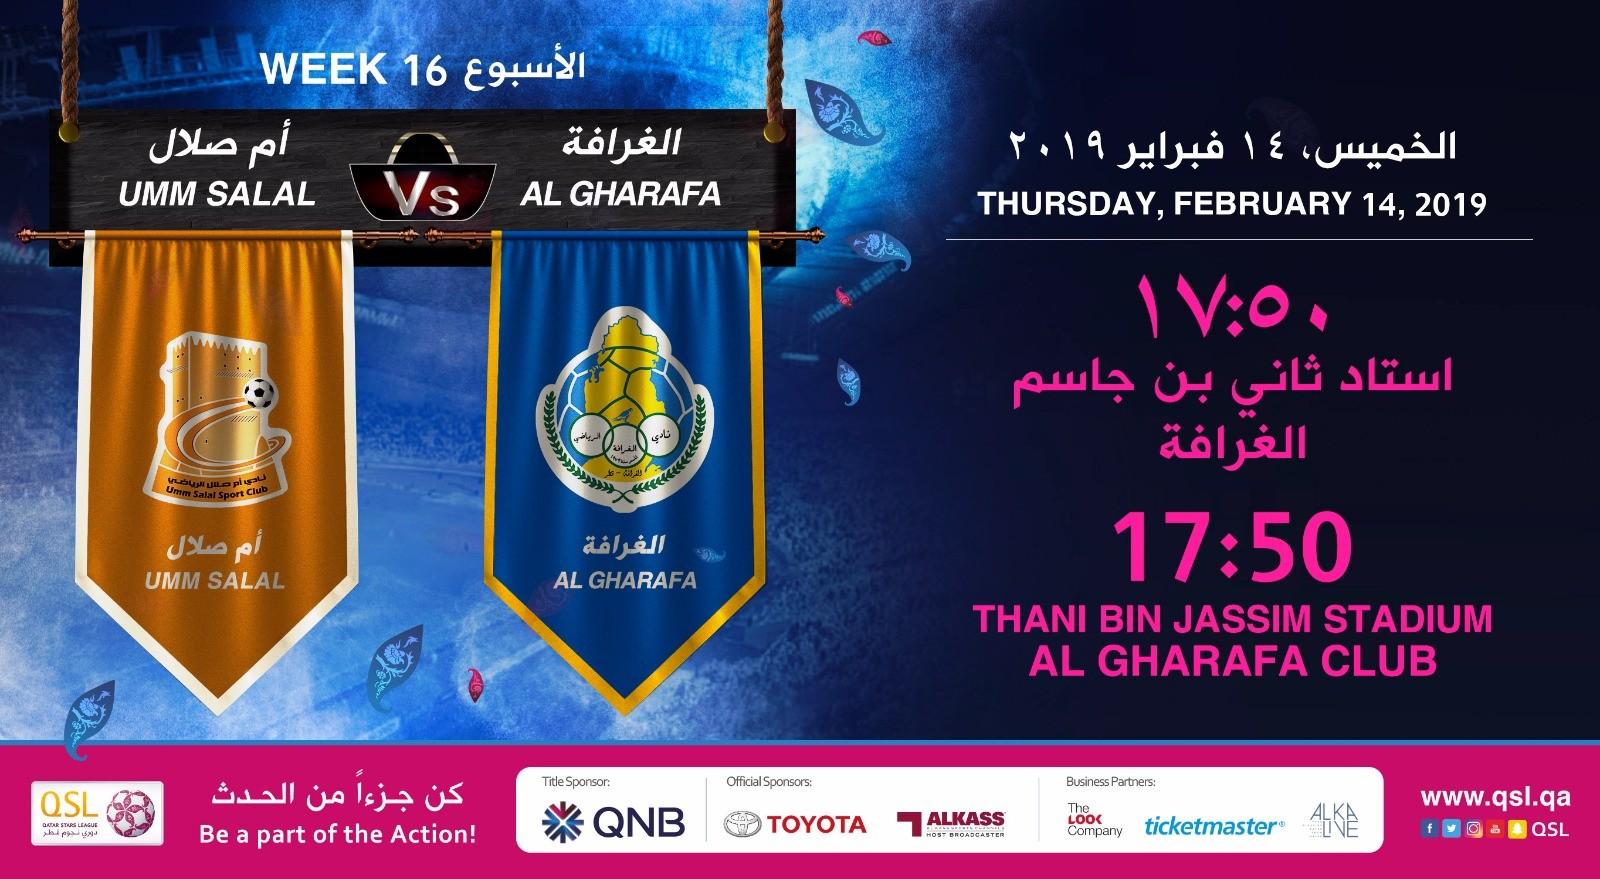 QNB Stars League Week 16 — Umm Salal vs Al Gharafa